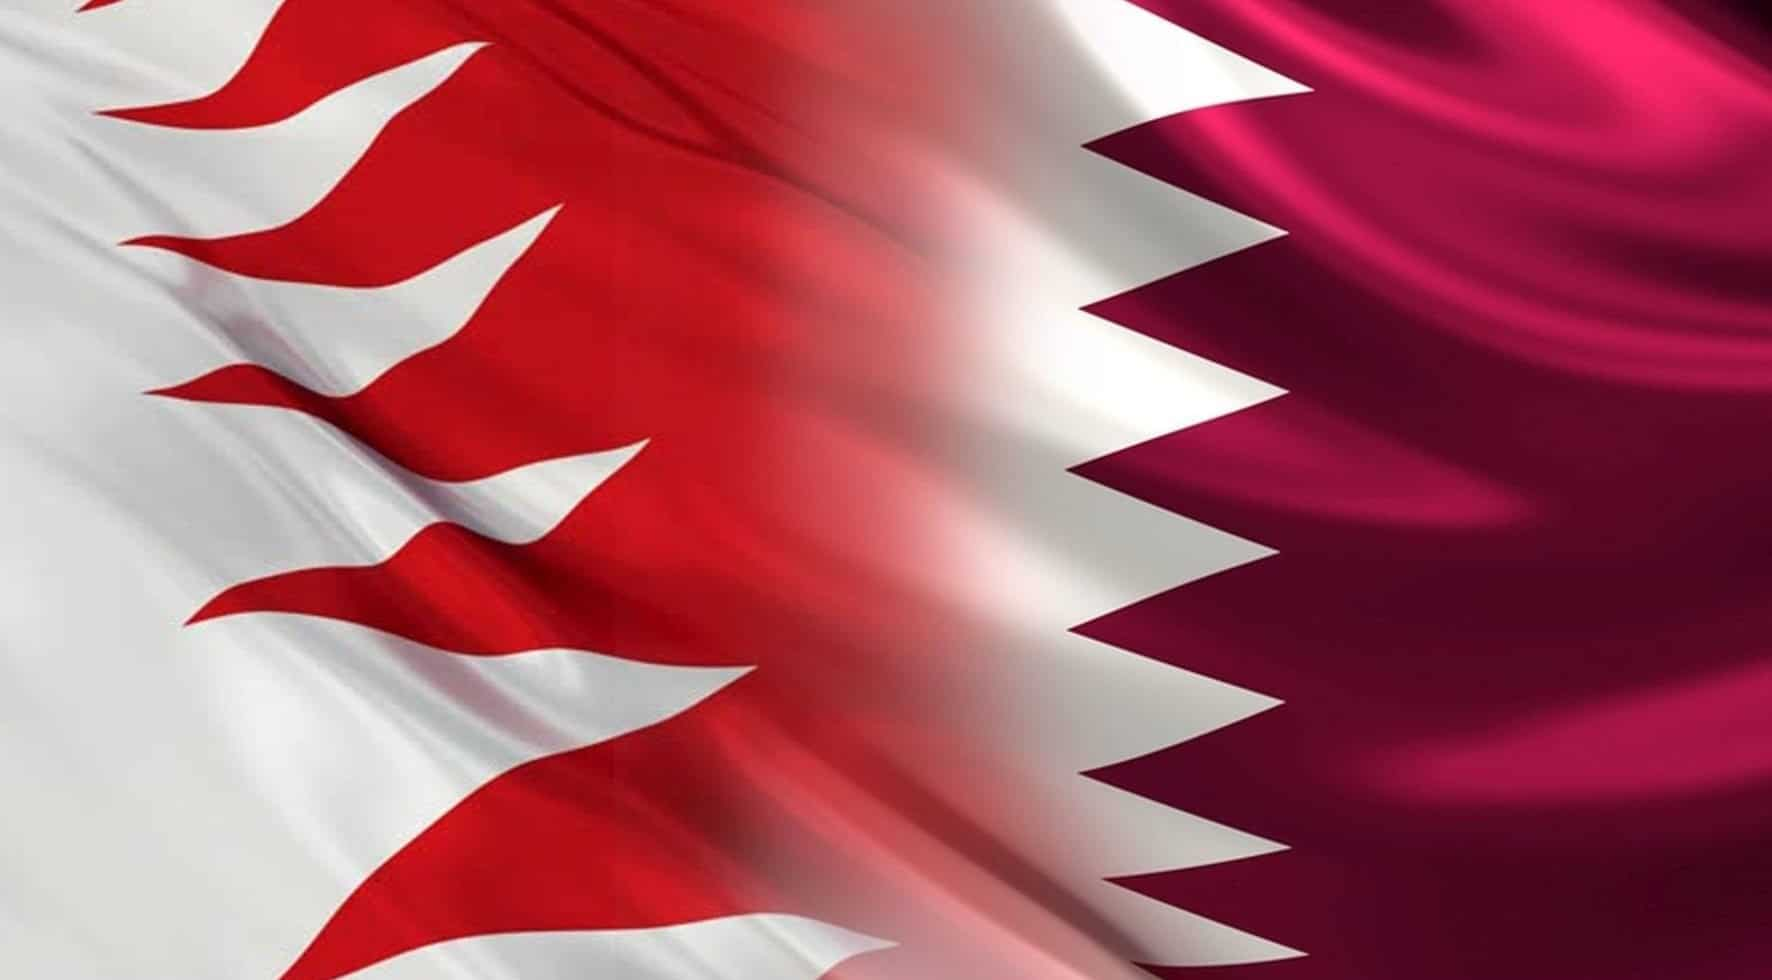 حوار قطرية قطريون يطلقون حملة لاستعادة جزيرة حوار من سيطرة البحرين